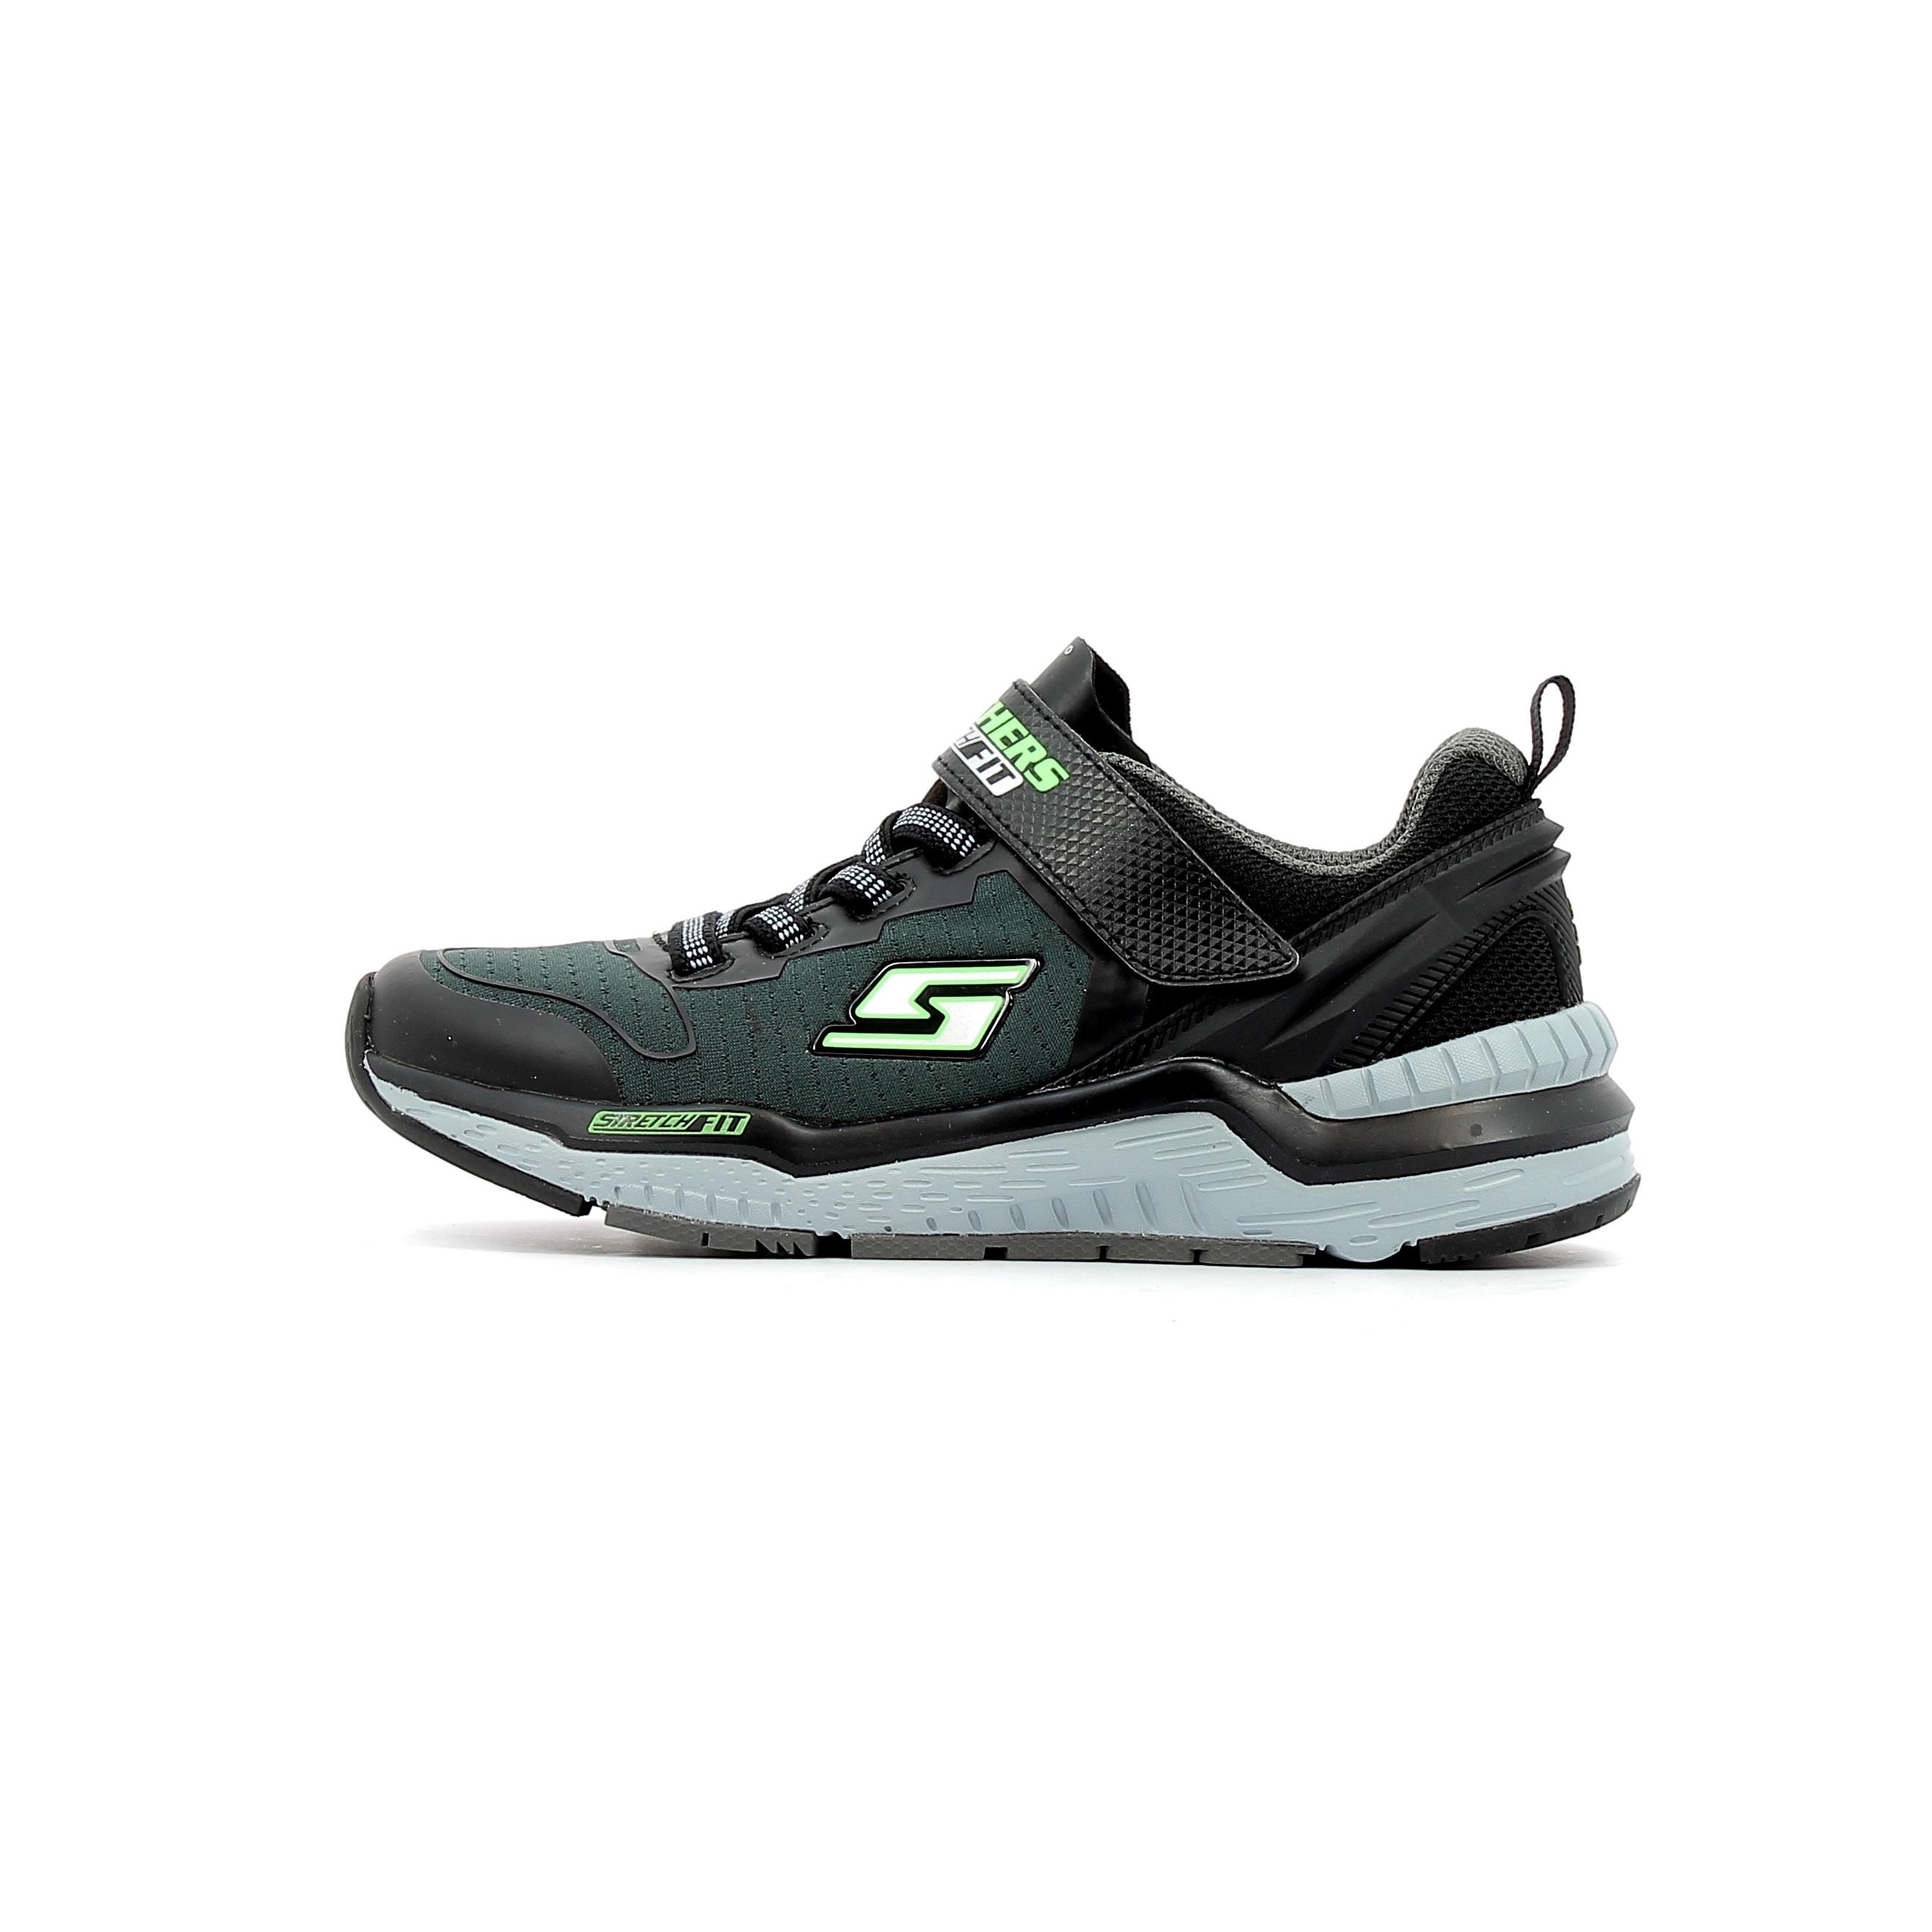 9ecd507ac8e3 Chaussure basse Skechers Hyperjolt - Spectrode